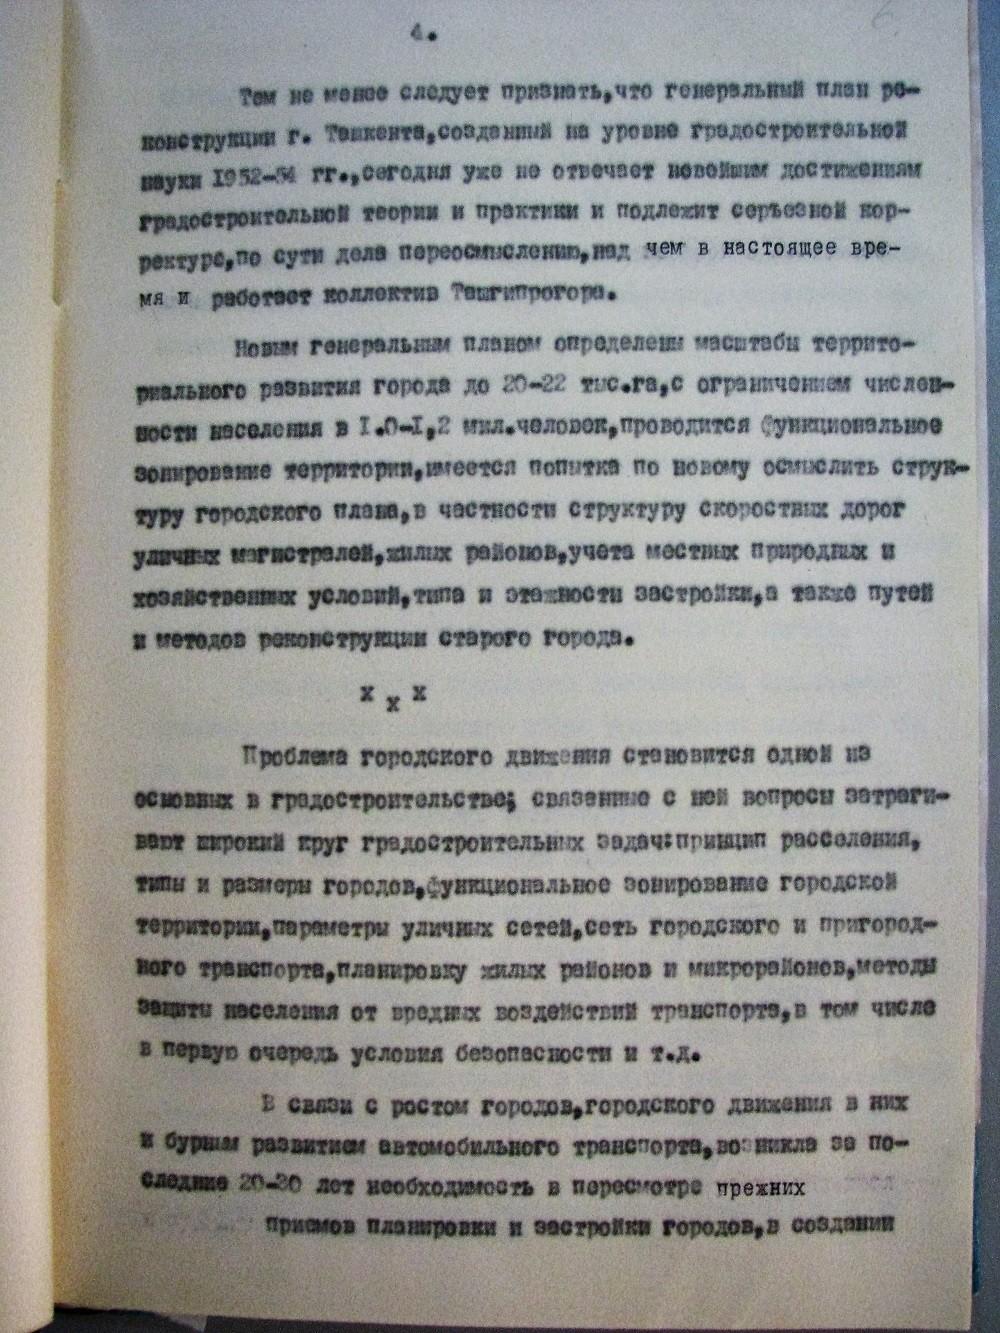 tashkent-1960-6